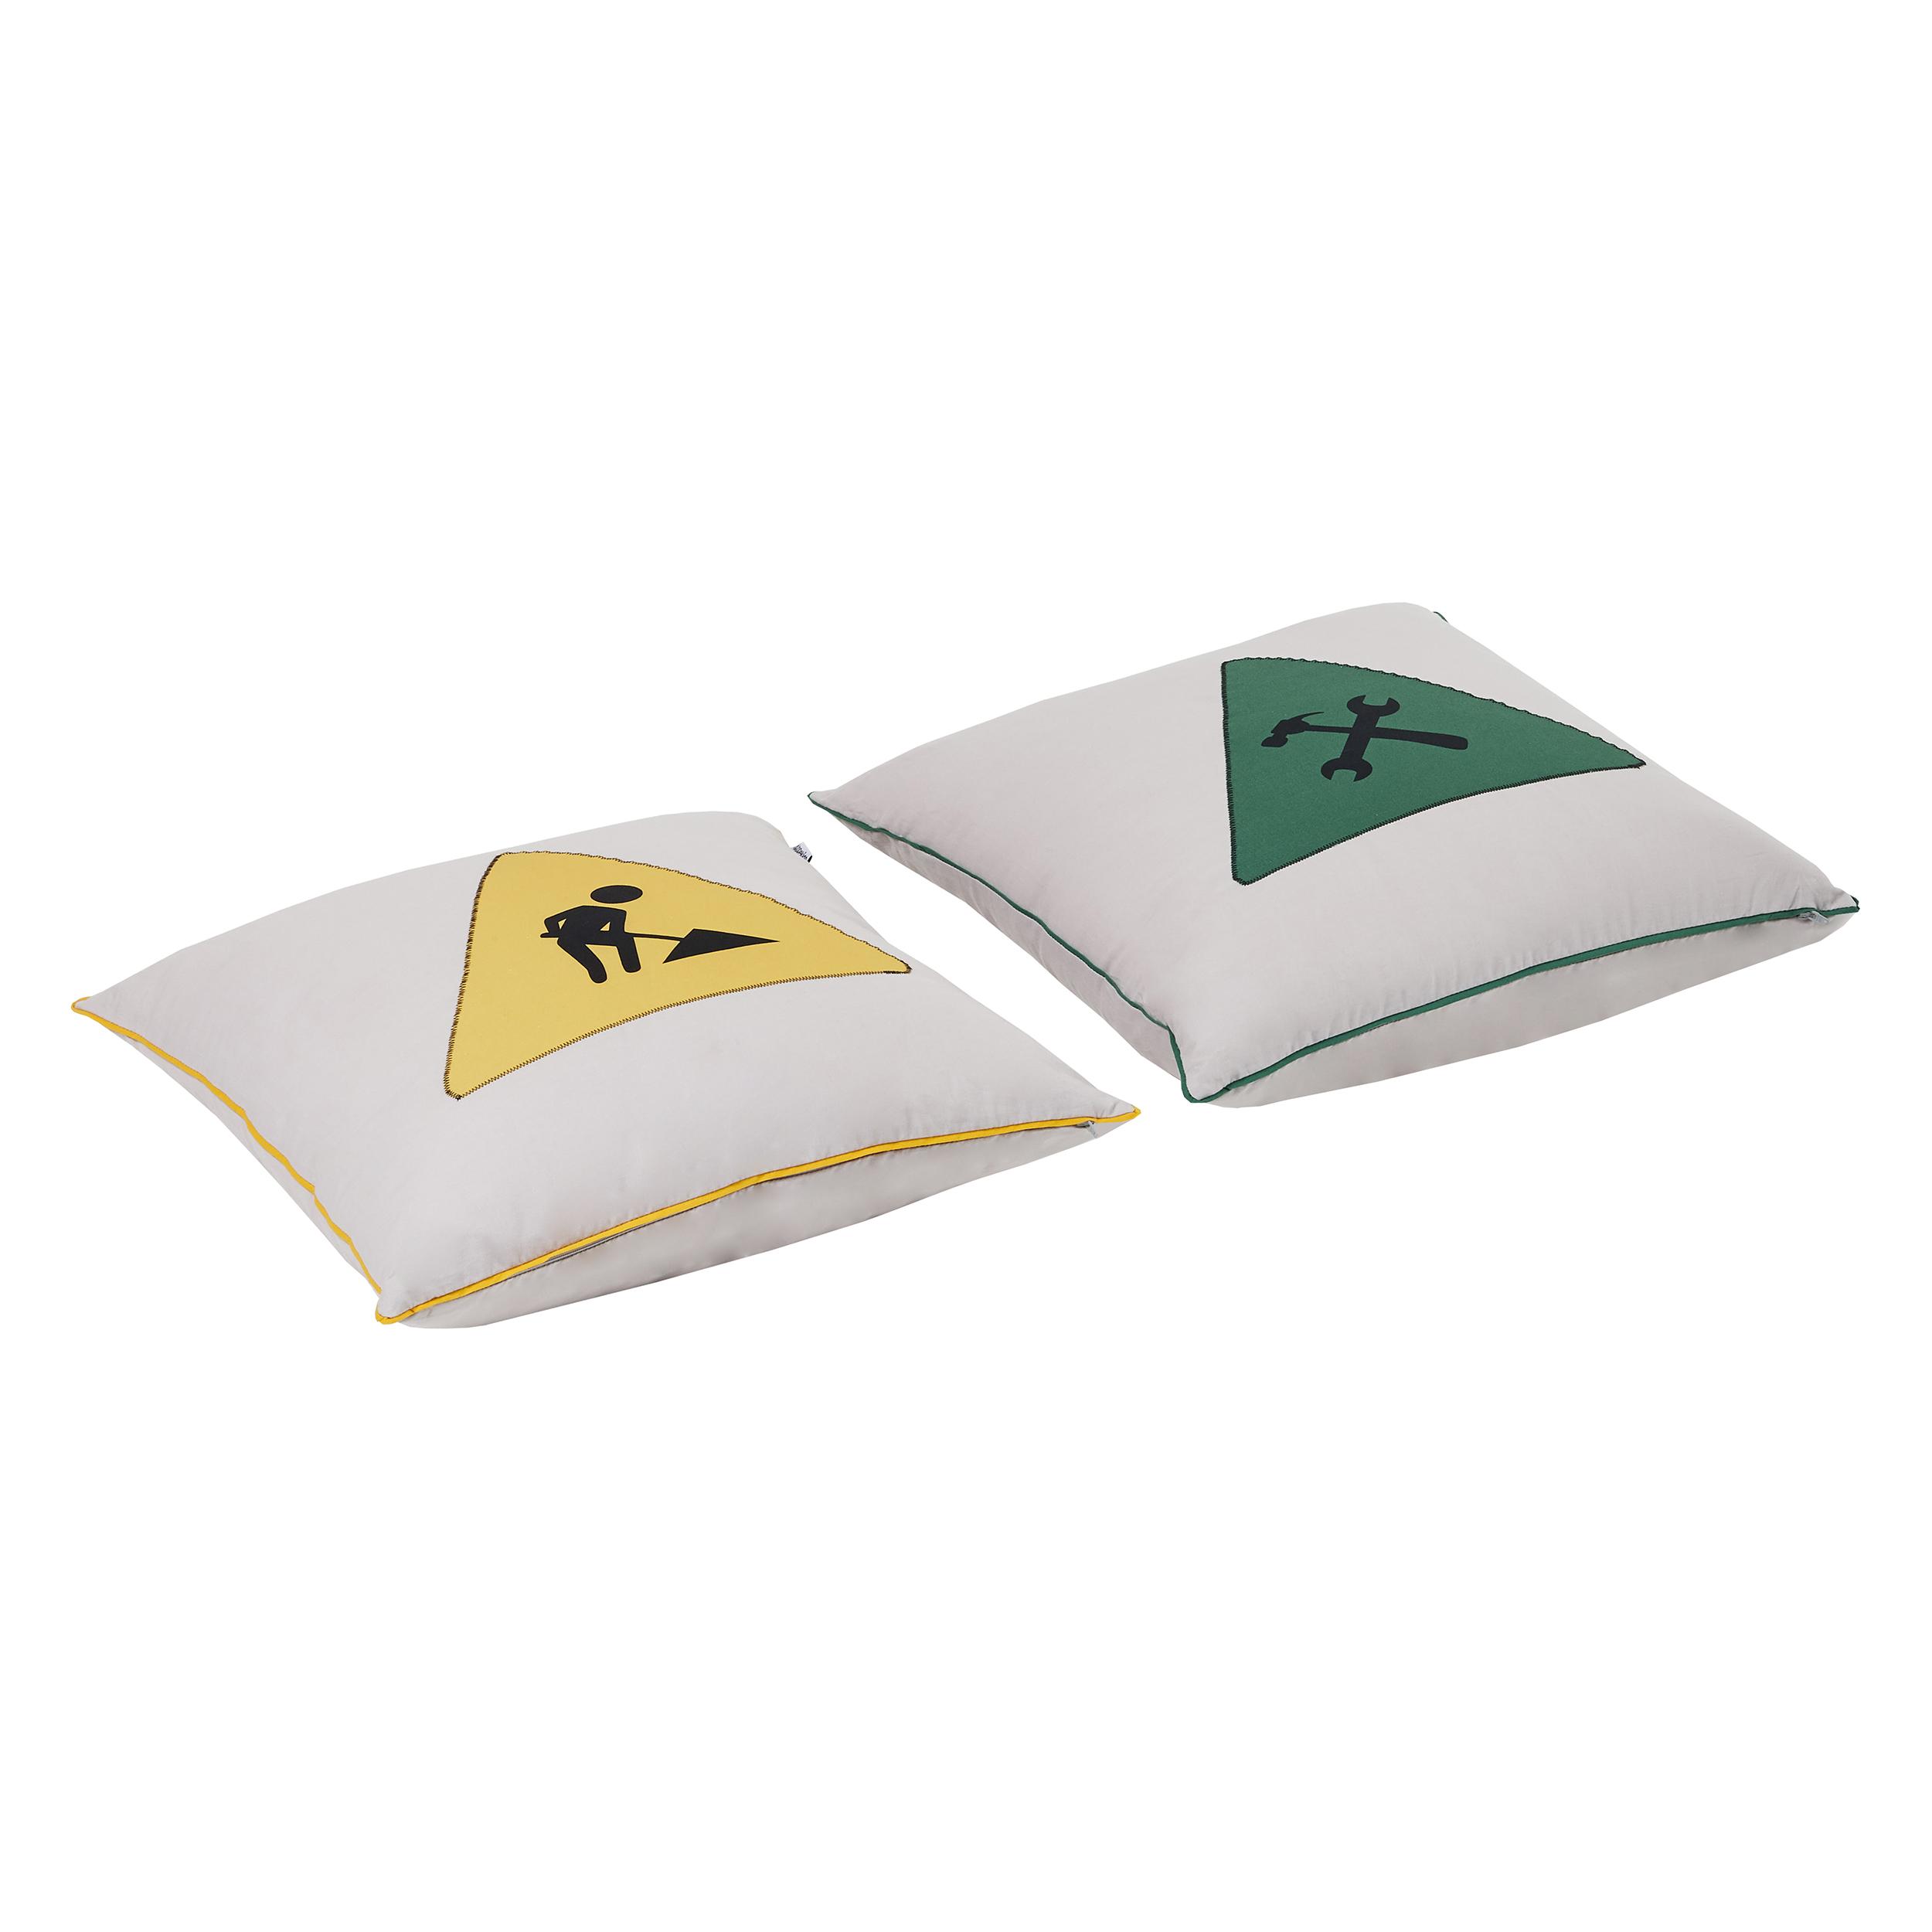 Hoppekids - Pillow Set w. 2 Pillows - Construction